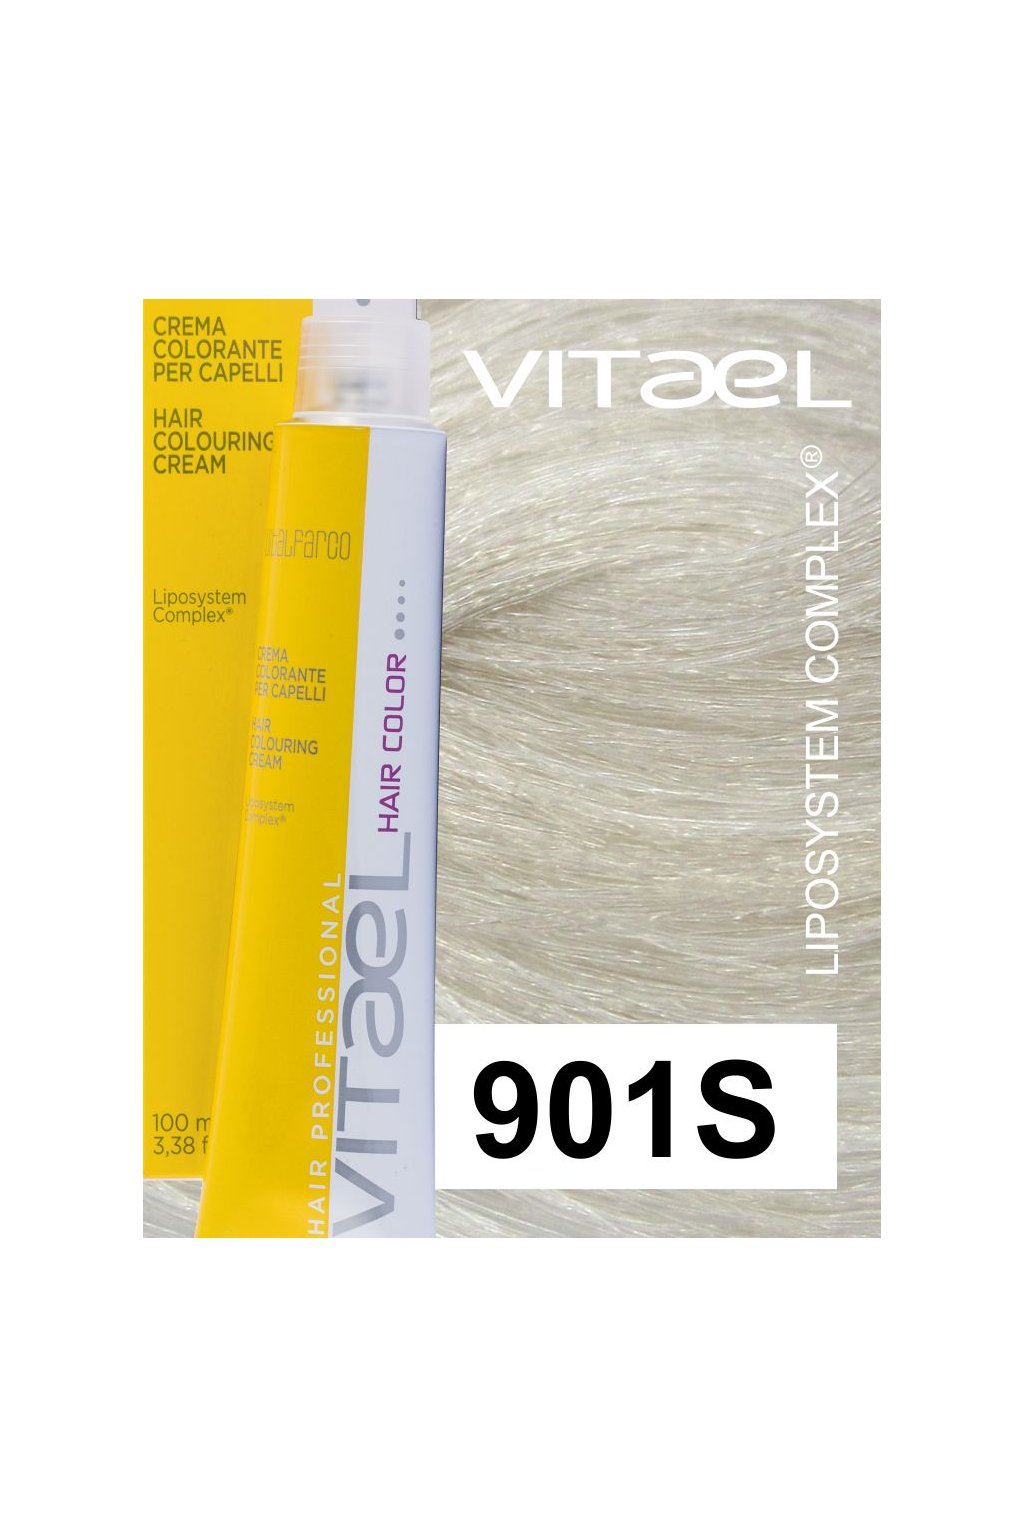 901s VIT